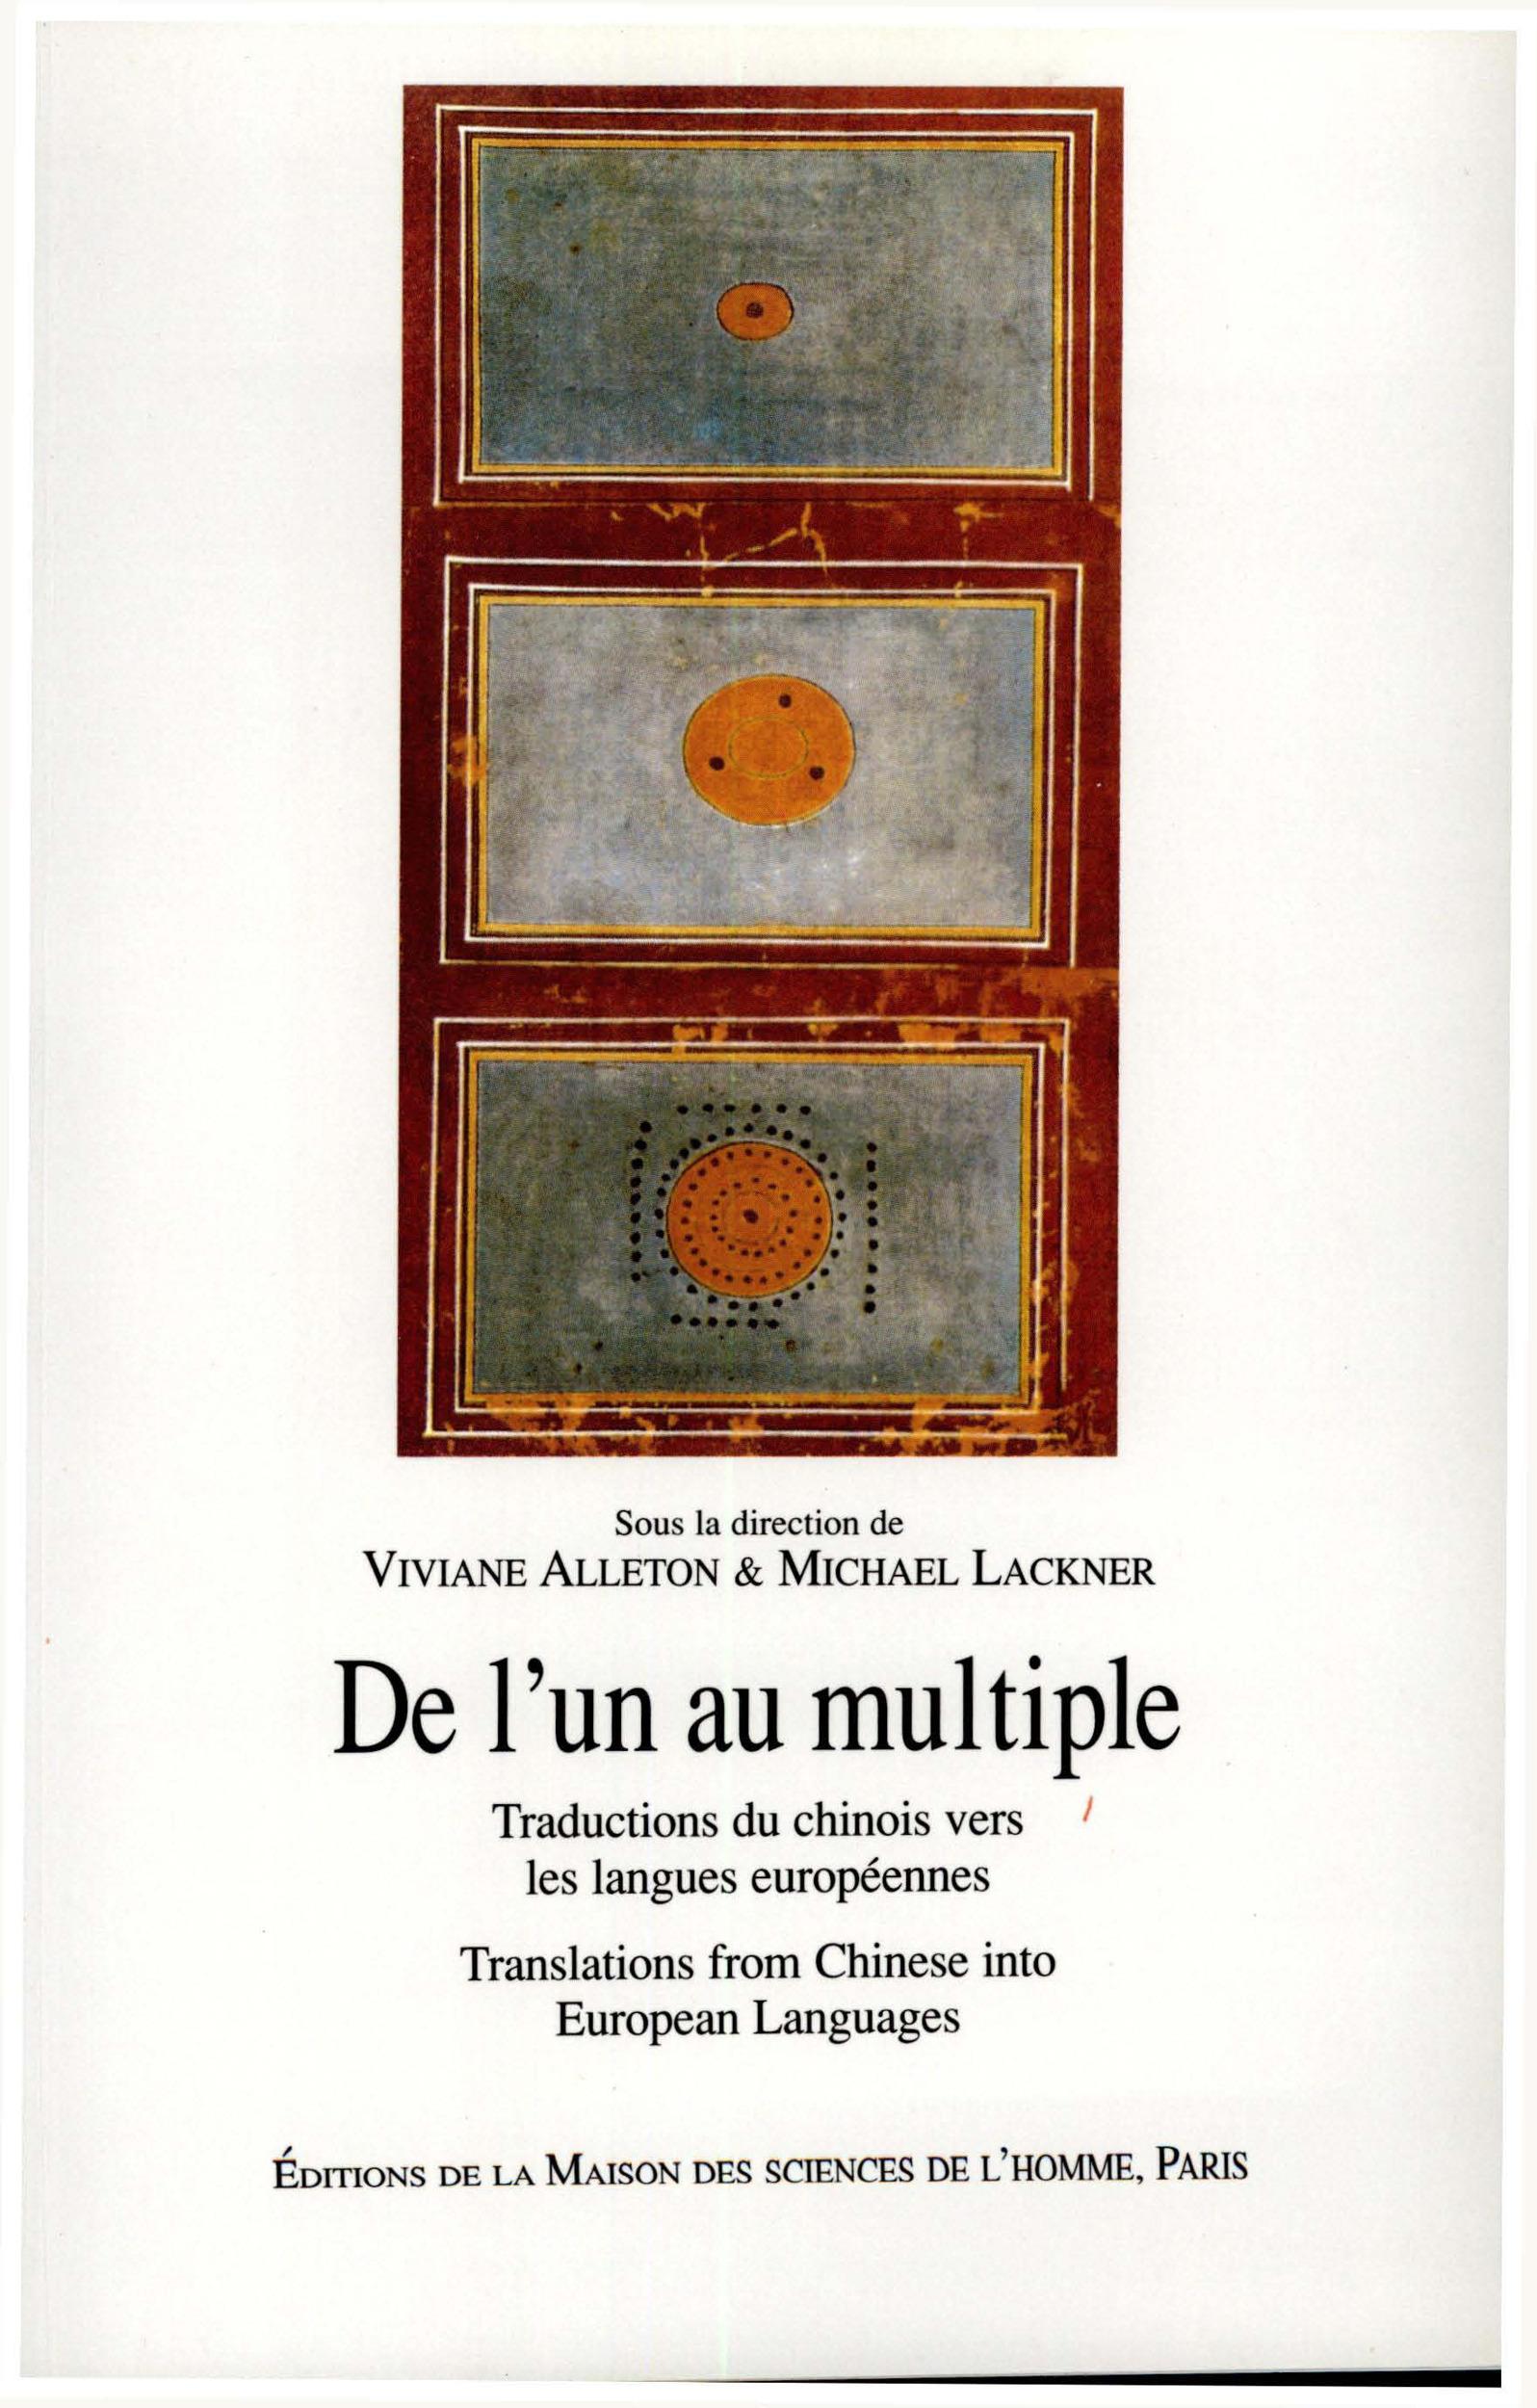 De l'un au multiple ; traduction du chinois vers les langues européennes